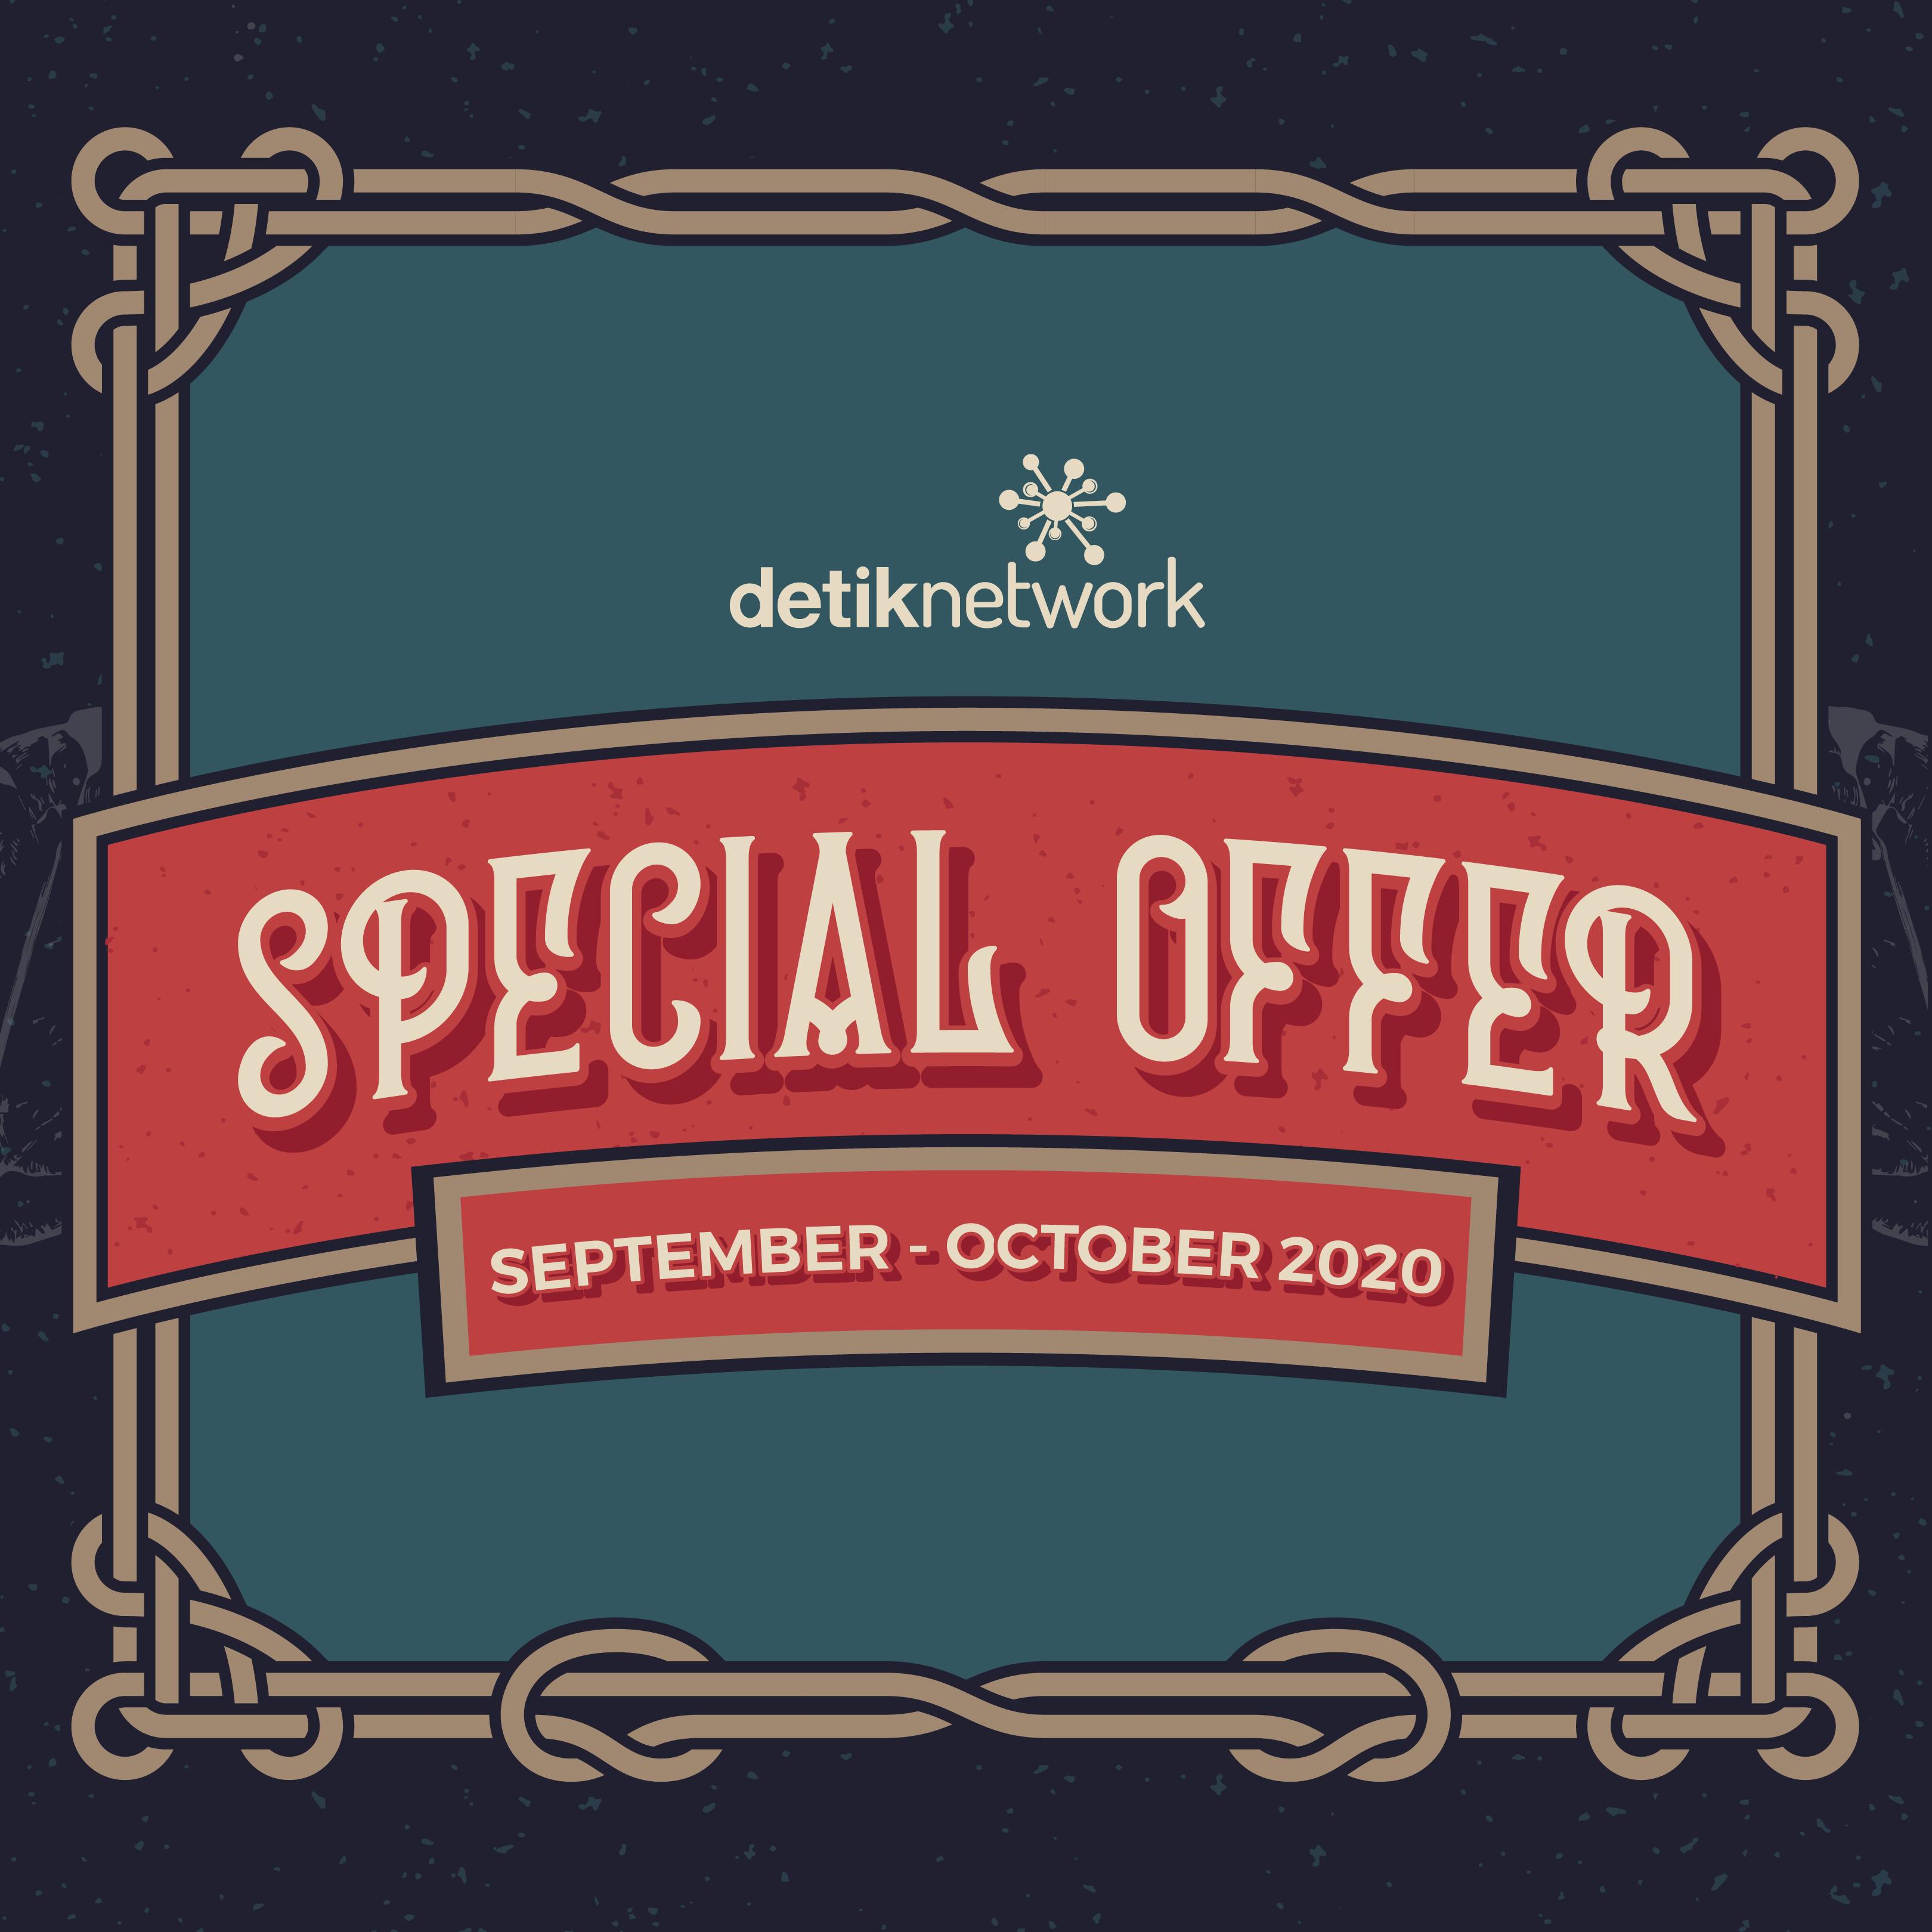 Special Offer September - October